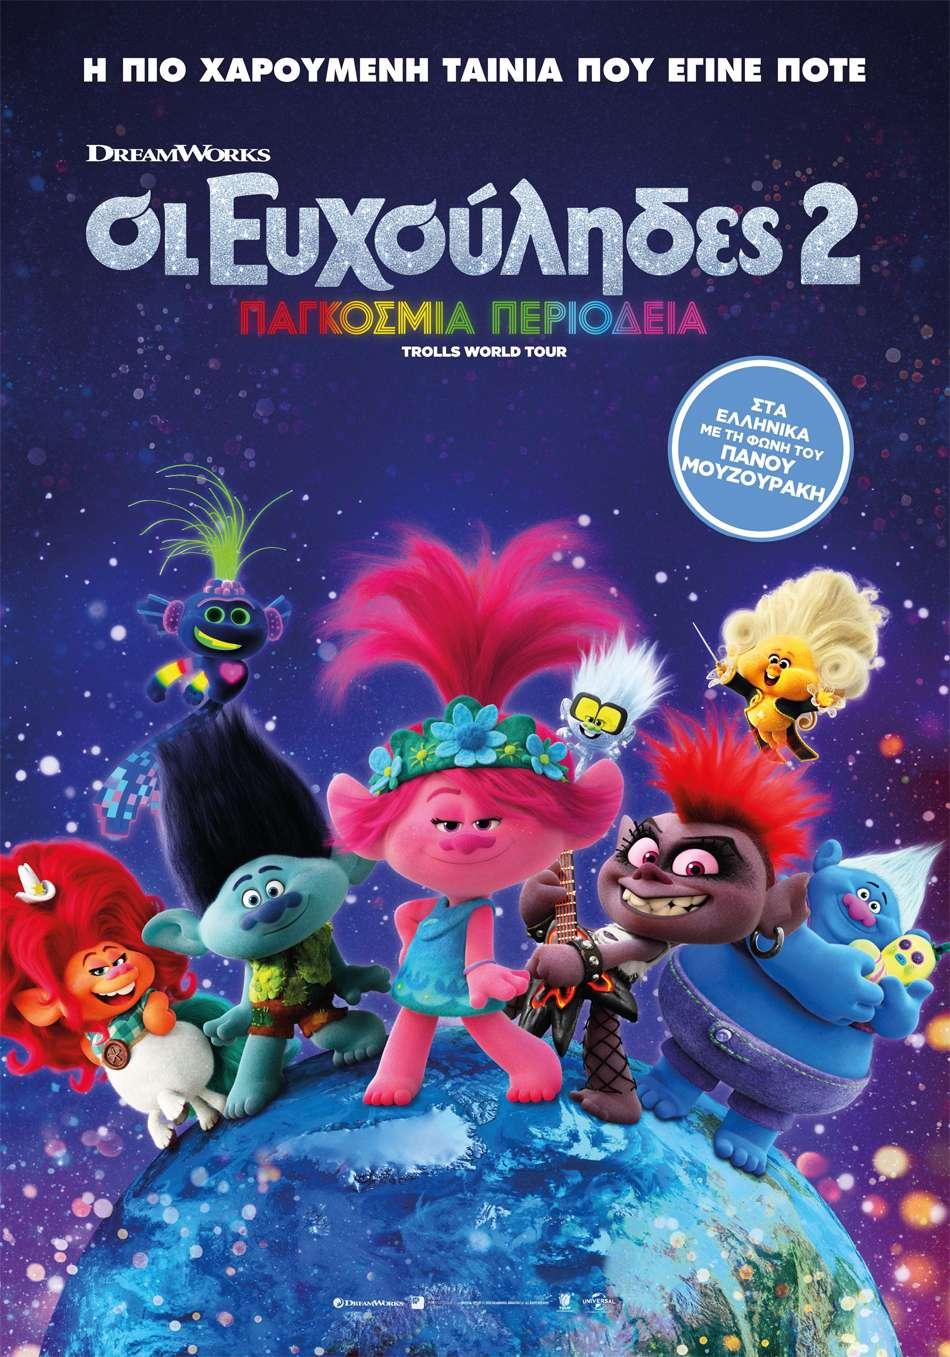 Οι Ευχούληδες 2: Παγκόσμια Περιοδεία (Trolls World Tour) Poster